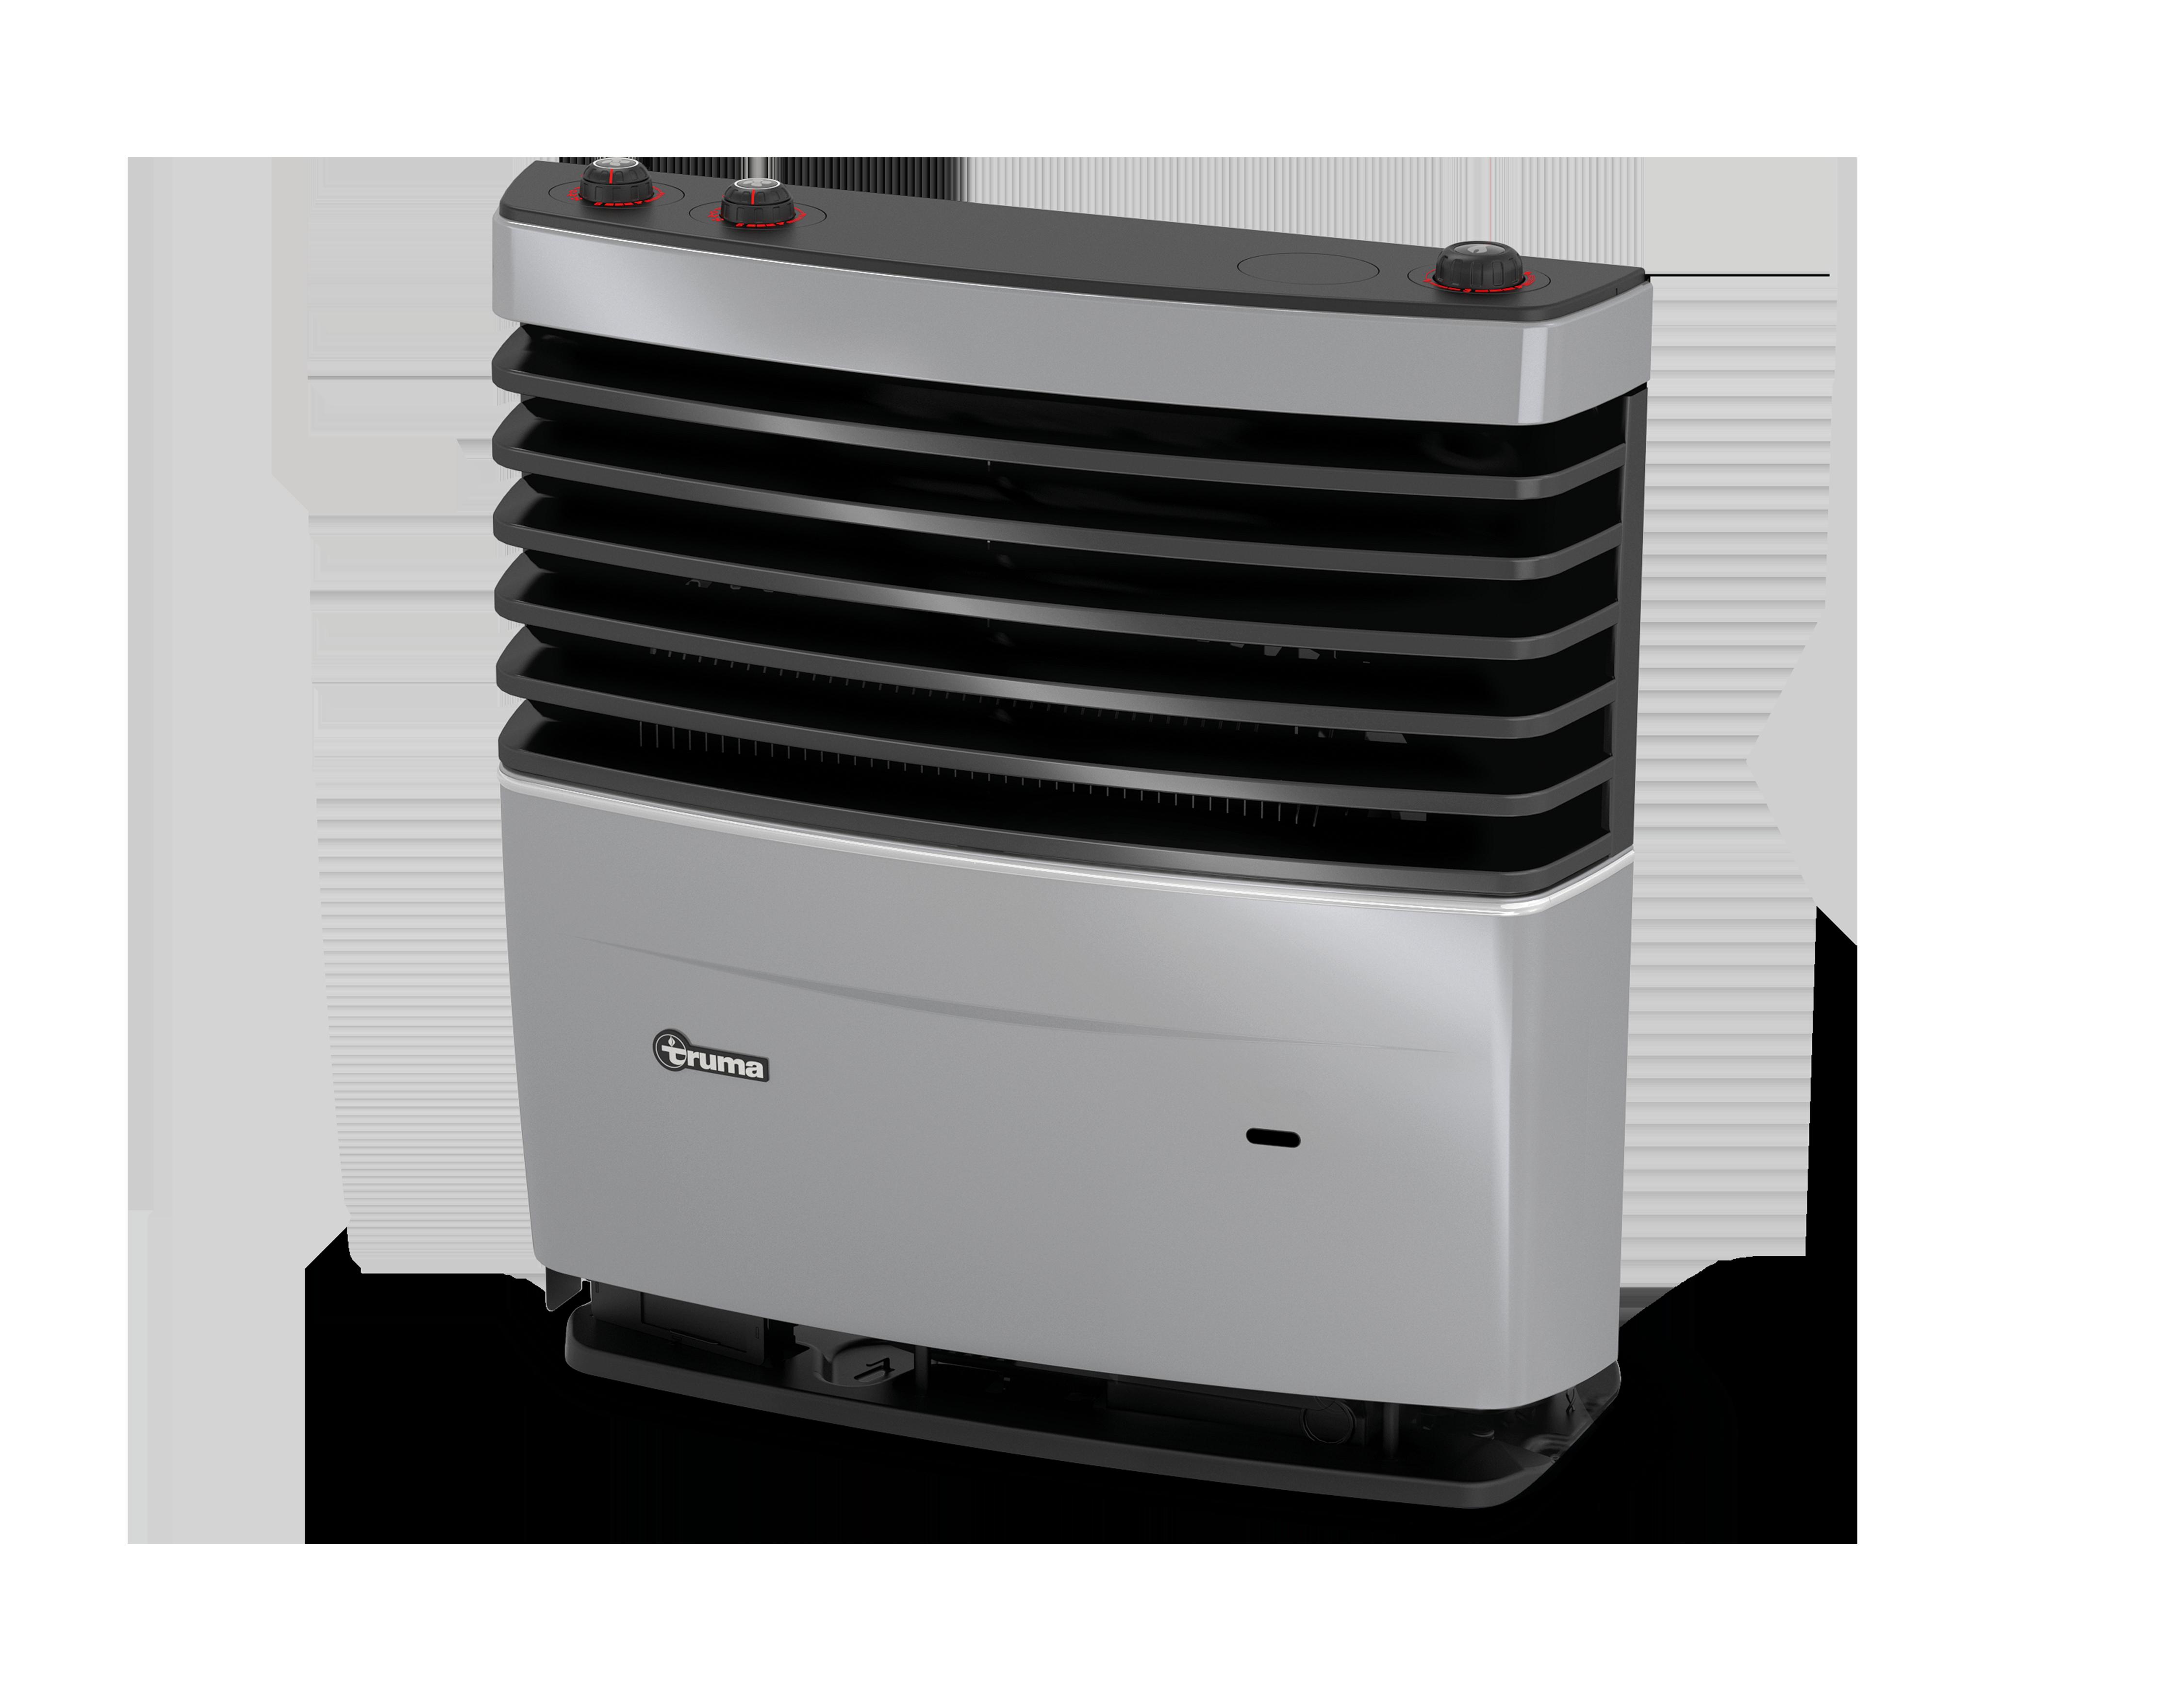 Truma S 5004 heater